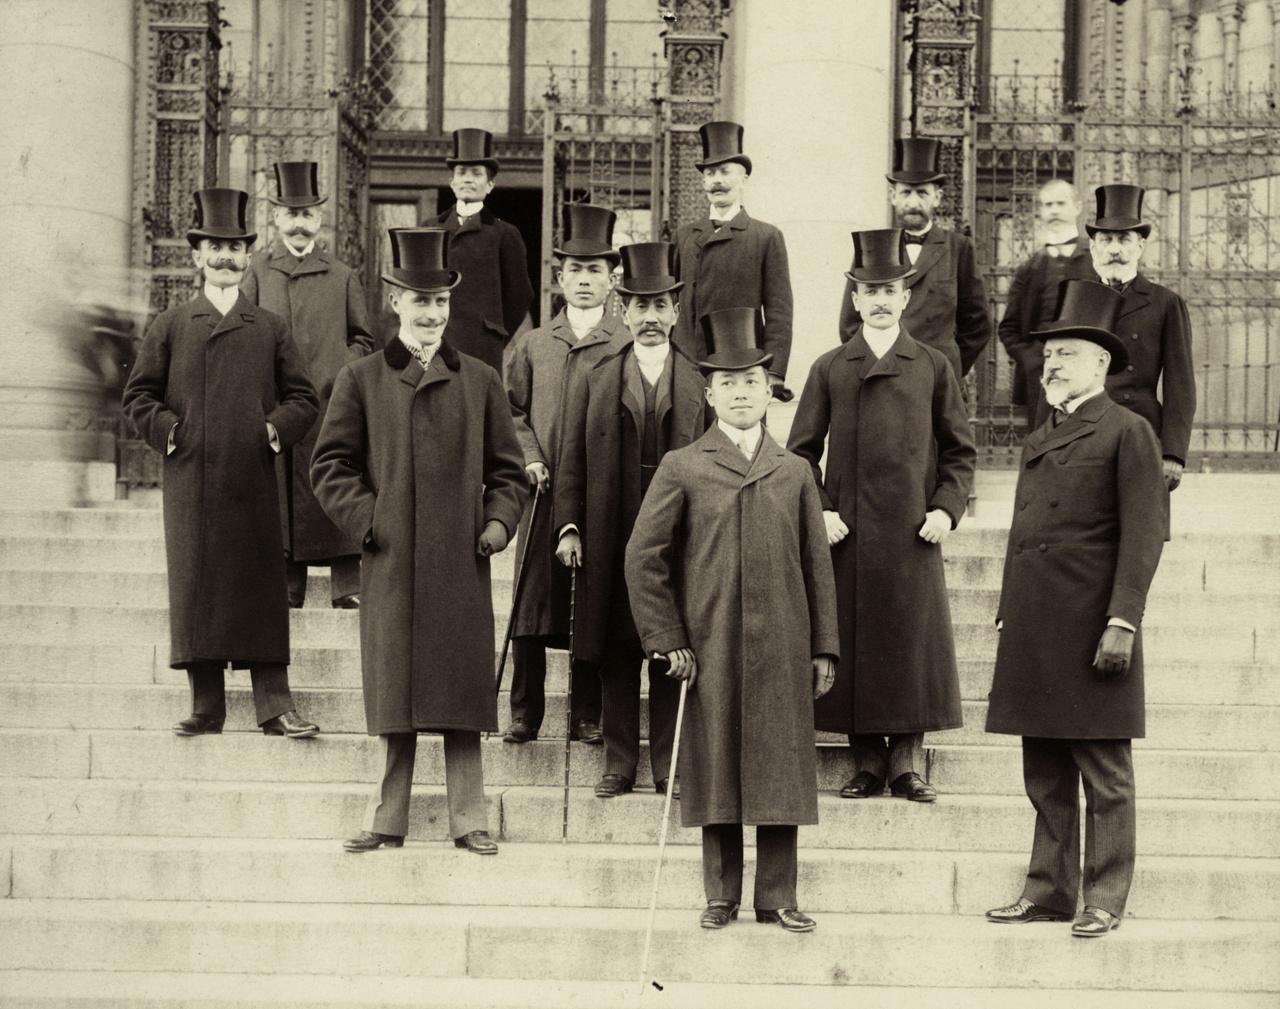 1897 – Királyi turnéA képen elöl álló fiatalember nem más, mint Chulalongkorn sziámi király. Nem is olyan fiatal: 44 éves, ekkor tette első nagy európai körútját, Budapestre is ellátogatott. A buddhista vallásból következően számos nevet viselt, V. Ráma néven is nevezték. 57 évet élt (1853-1910), körülbelül száz felesége, ágyasa vagy élettársa volt, 77 gyermek maradt utána. Nyugati neveltetést is kapott, angolul-franciául jól tudott, fiai egy részét (33 fia volt) az angliai Eton magániskolájába járatta. Ő és kísérete – legalábbis az európai körutazás erejéig – annyira idomult az európai divathoz, etiketthez, hogy első látásra a sok cilinderes úr közül nem könnyű megállapítani: ki sziámi és ki magyar. Úgy tűnik: akinek fölfelé van pödörve a bajusza, az magyar, akinek nincsen, vagy lefelé konyul, az sziámi. Chulalongkorn jó uralkodó volt, sokat modernizált, és ügyes lavírozással elérte, hogy országa (ma Thaiföld) ne váljon gyarmattá. Gondolom, néhány feleséget is hozott magával, hiszen akkoriban egy európai körút hónapokig tartott, de a nőknek még nem volt szokás jelen lenni az ilyen formális alkalmakon. Vagy csak nem tudta eldönteni, melyiket hívja – inkább egyiket se hívta.